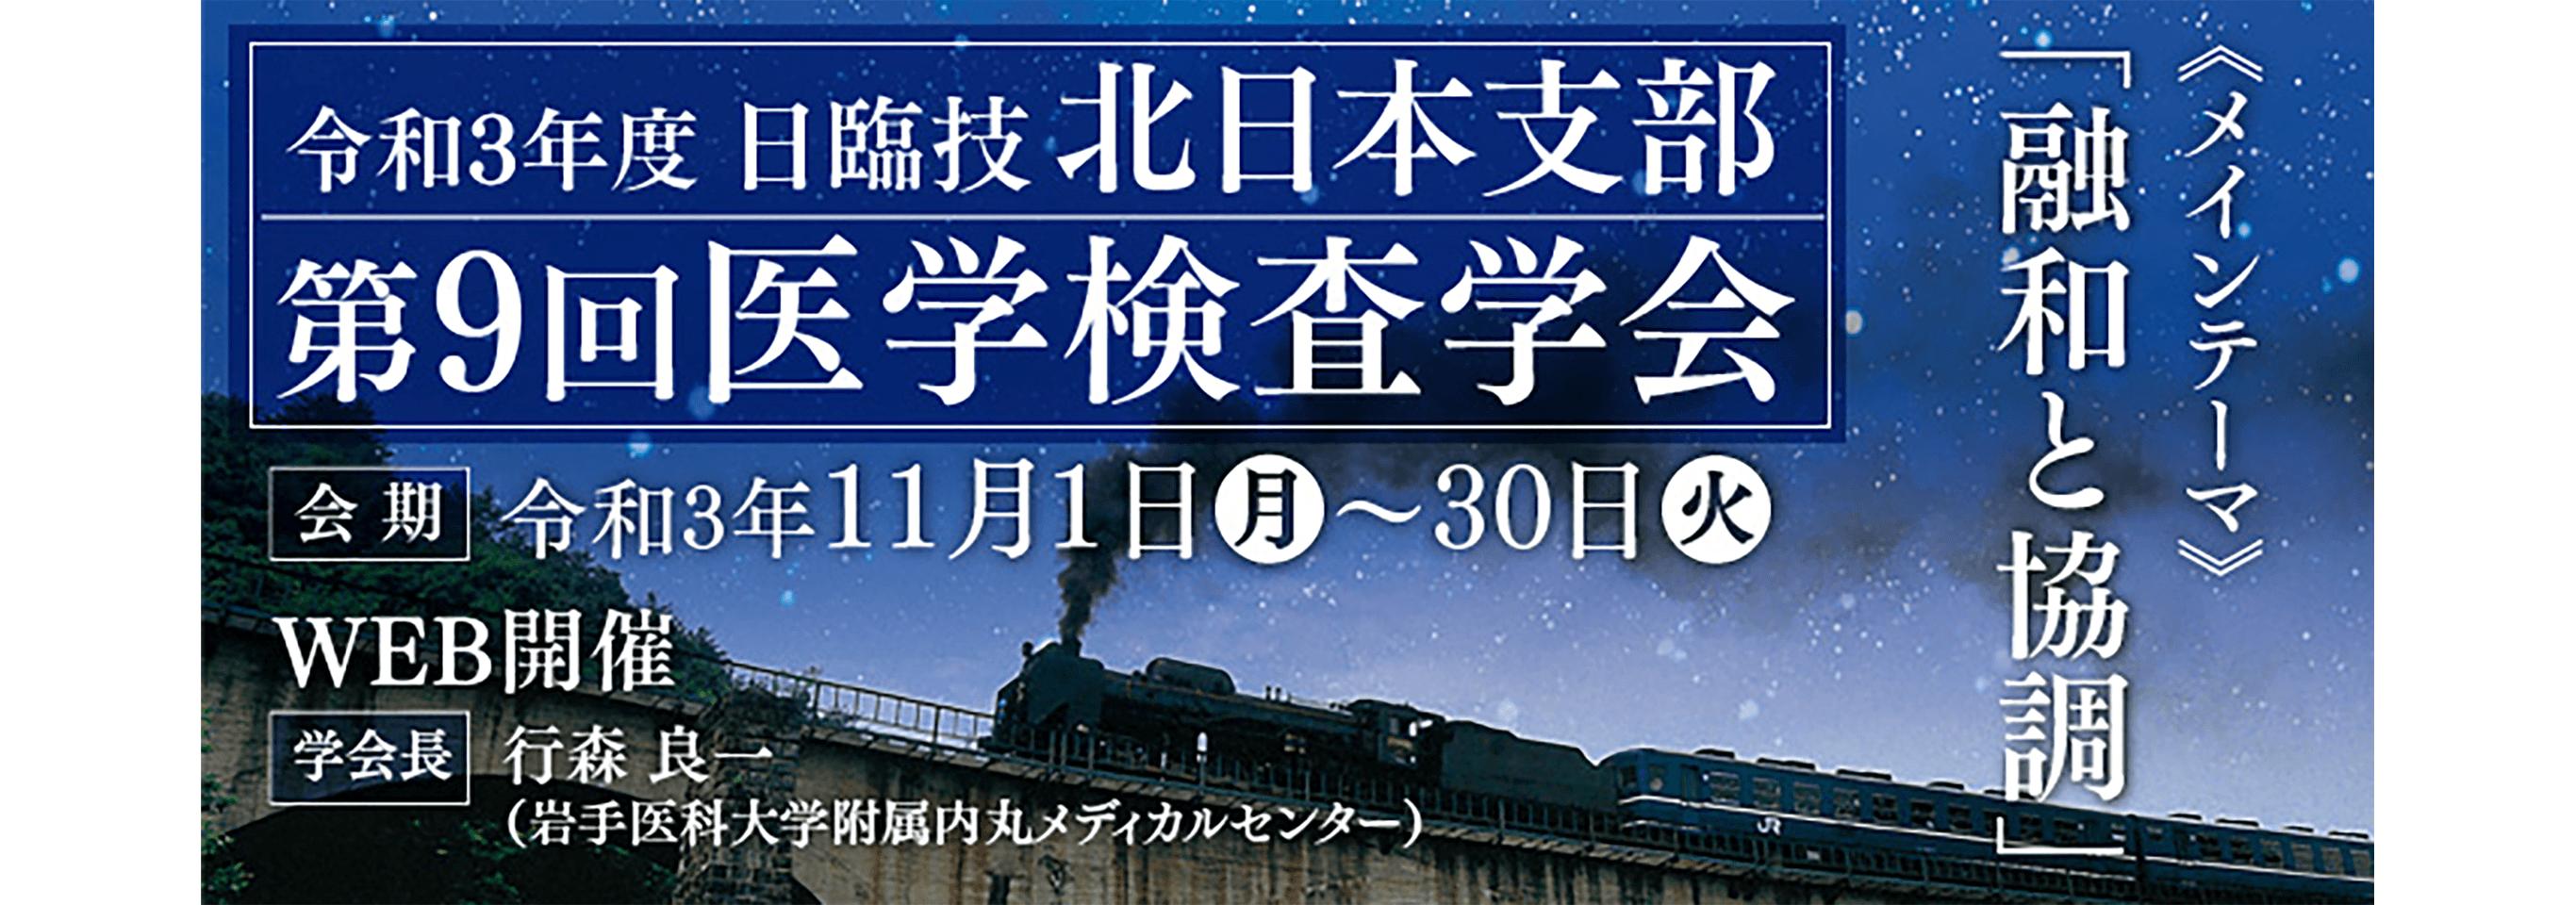 岩手県臨床衛生検査技師会ウェブサイトリニューアル!